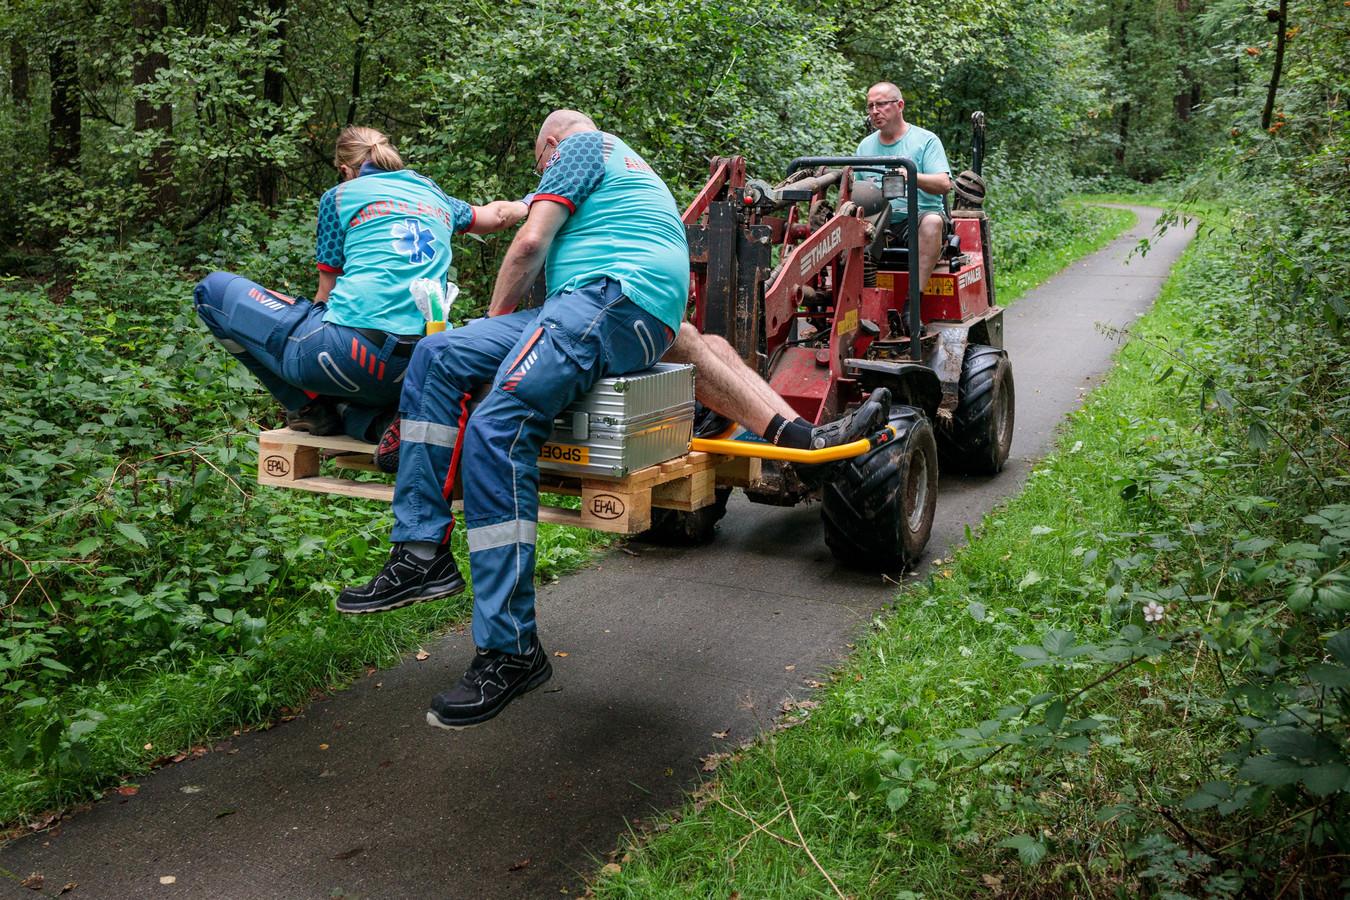 Diederik Groen brengt per shovel de gewonde man naar de ambulance, samen met het ambulancepersoneel.